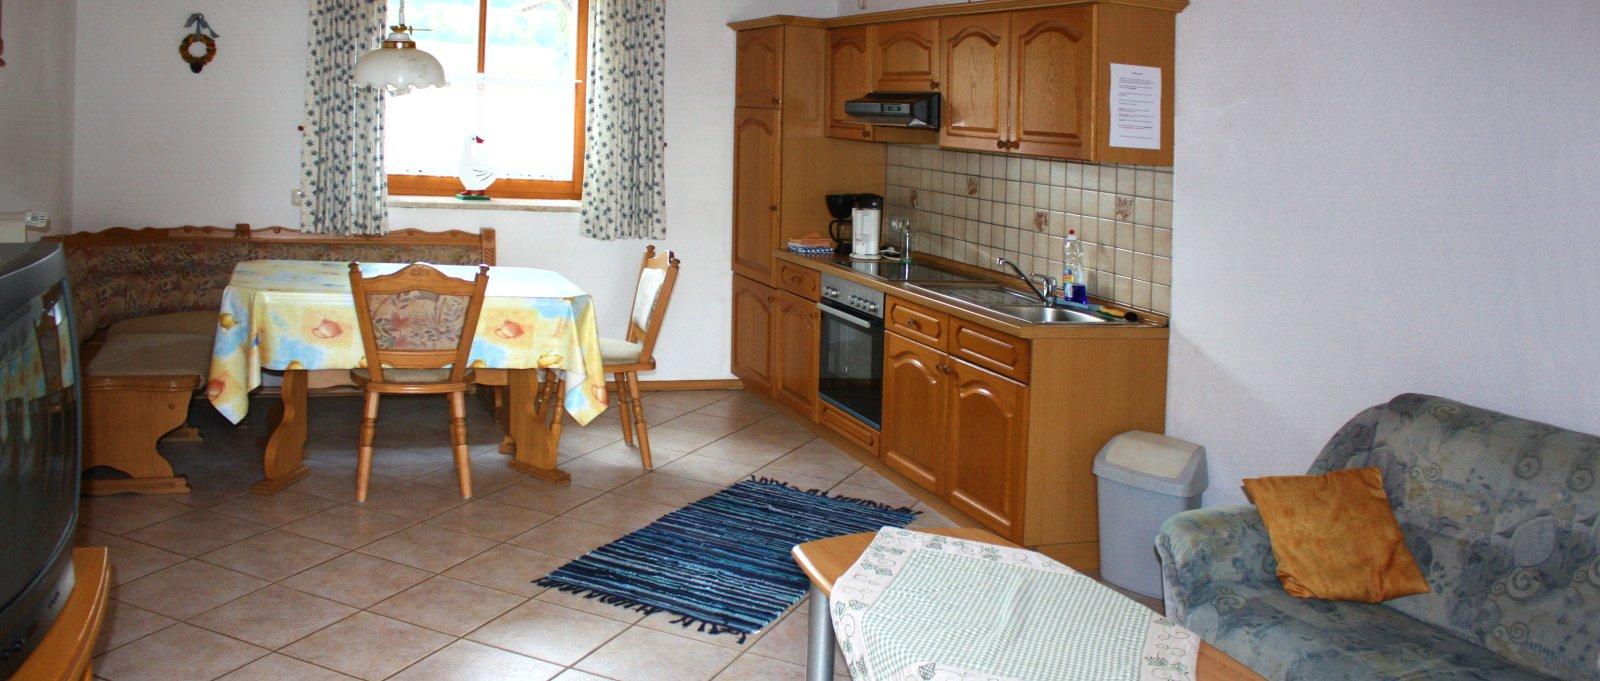 breitbilder-nissl-stadtblick-ferienwohnungen-neunburg-vorm-wald-wohnen-kochen-1600